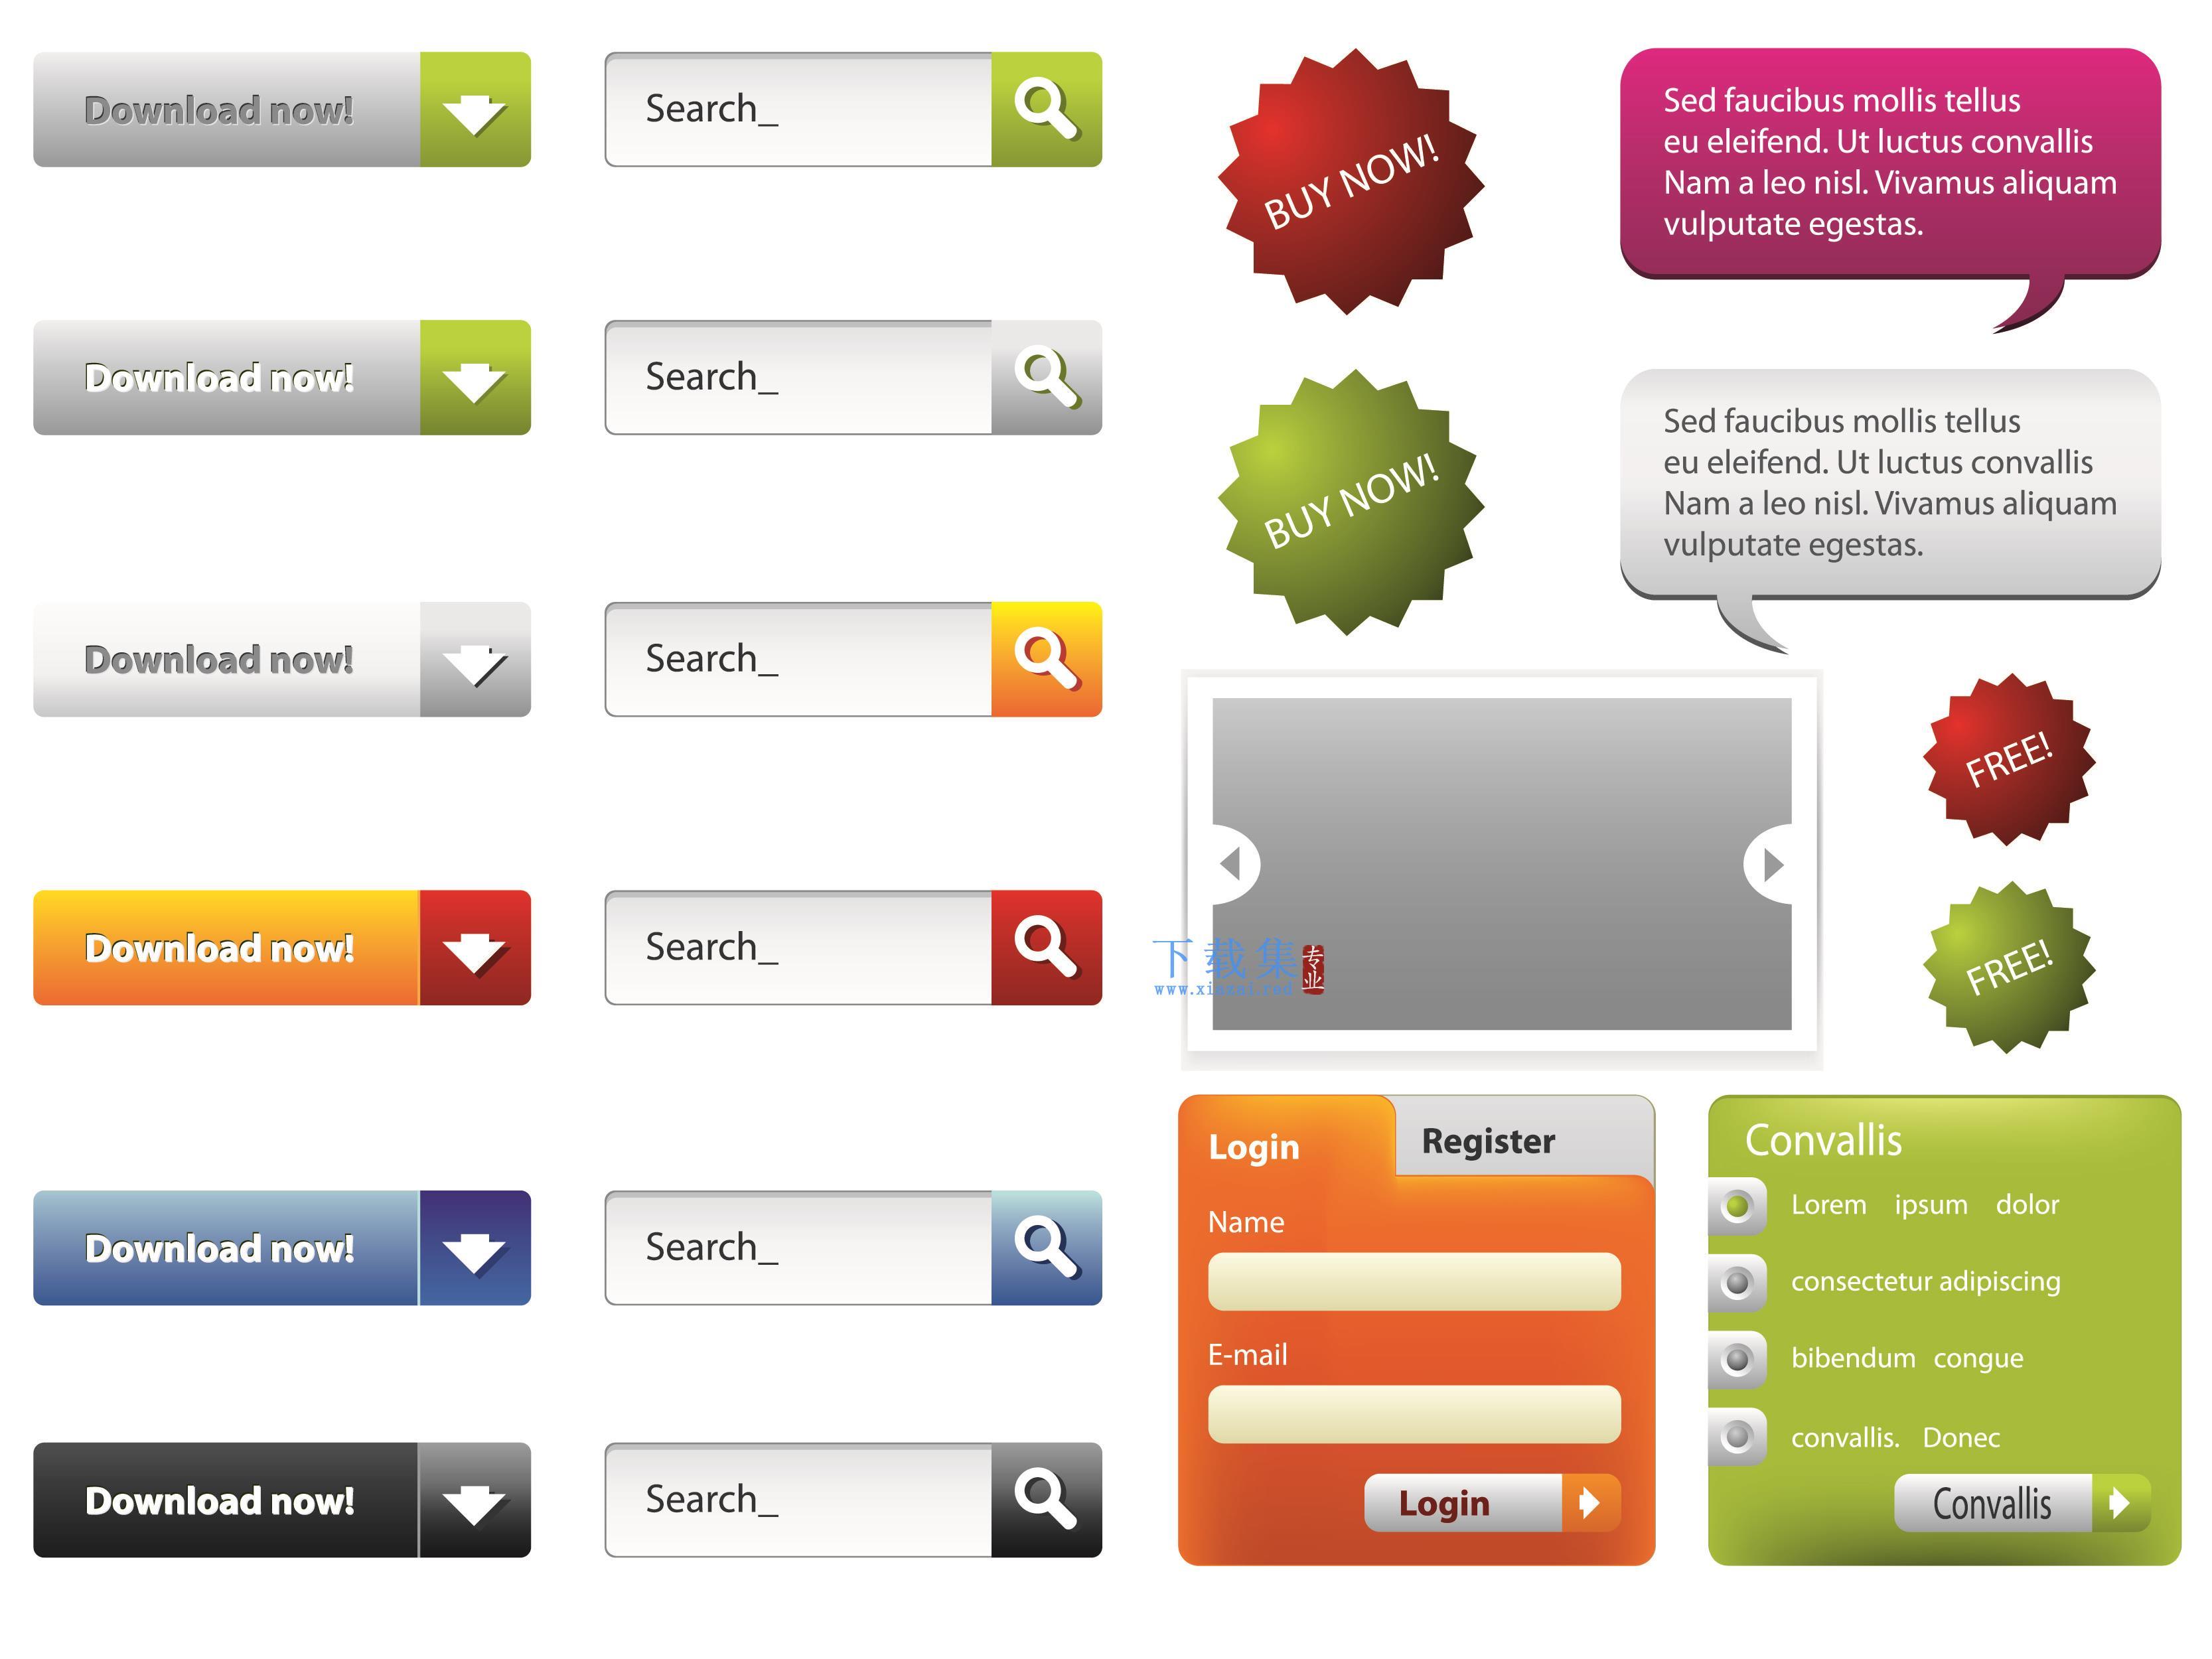 网页设计元素网页下载按钮PSD模板